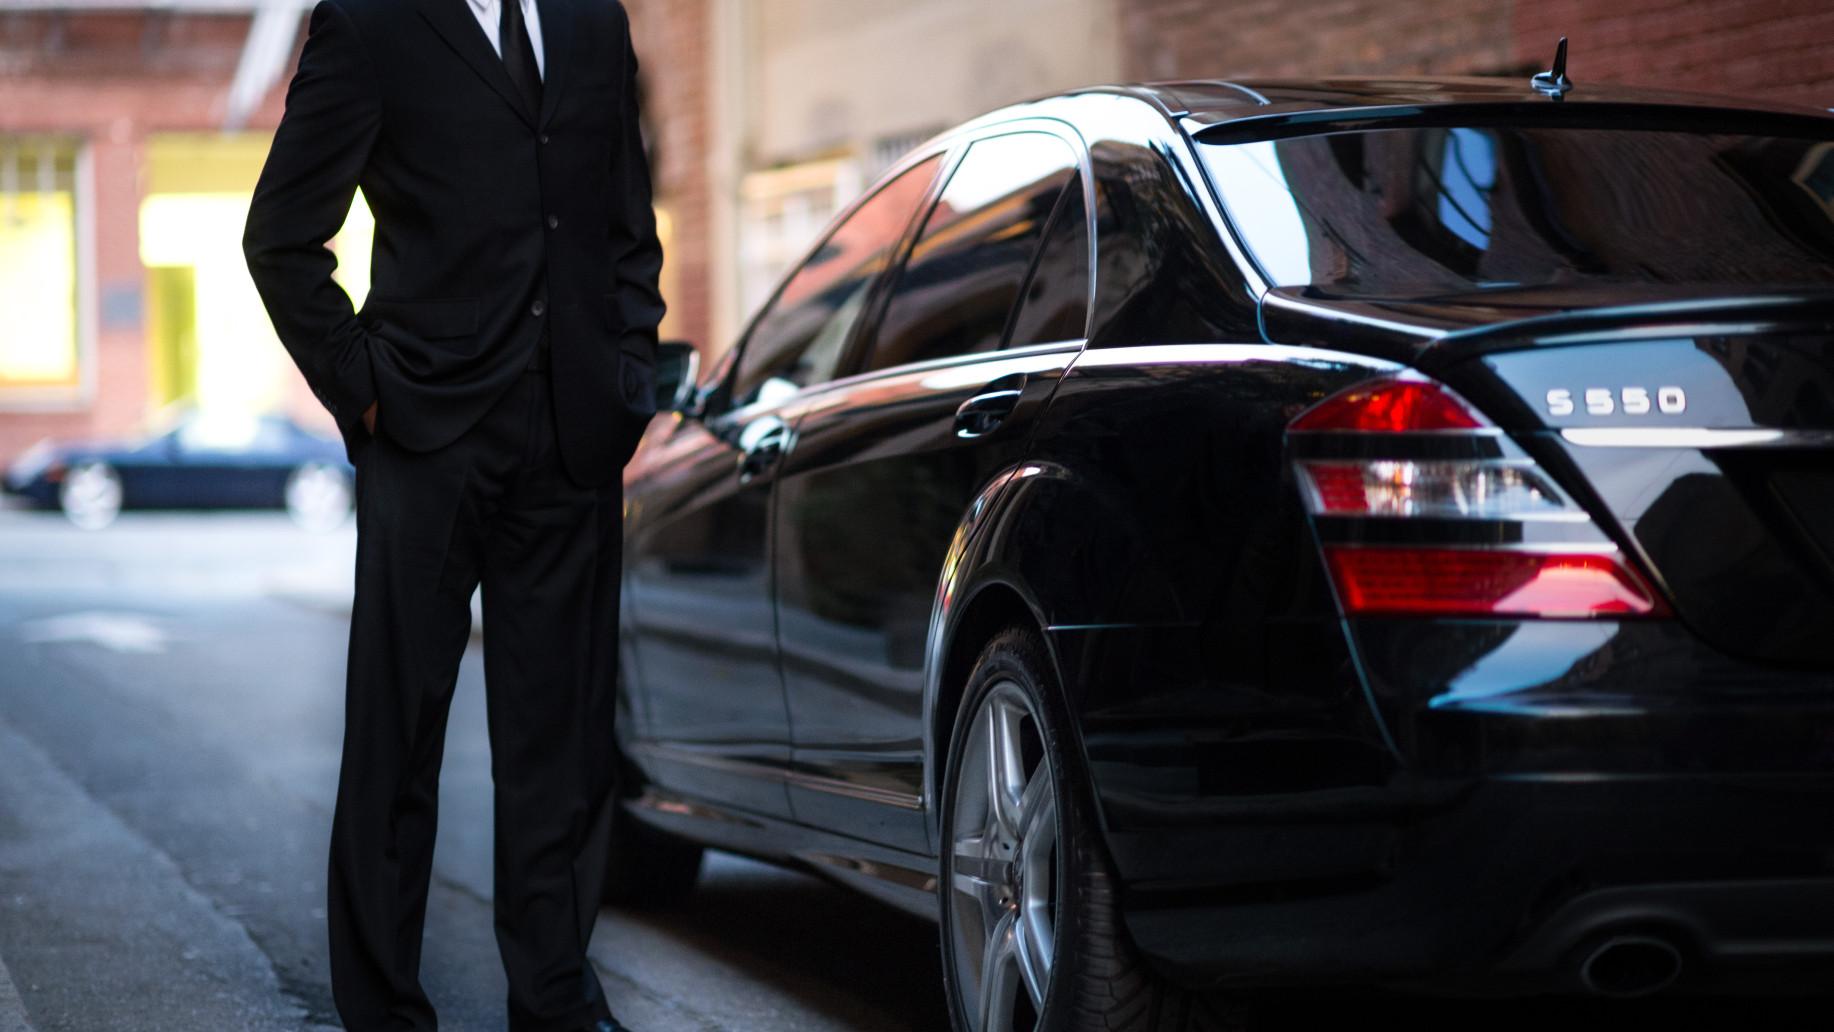 поддержки предпринимательства стоимость частного гида с автомобилем в баку оптимизм девчонки стихилюбимые